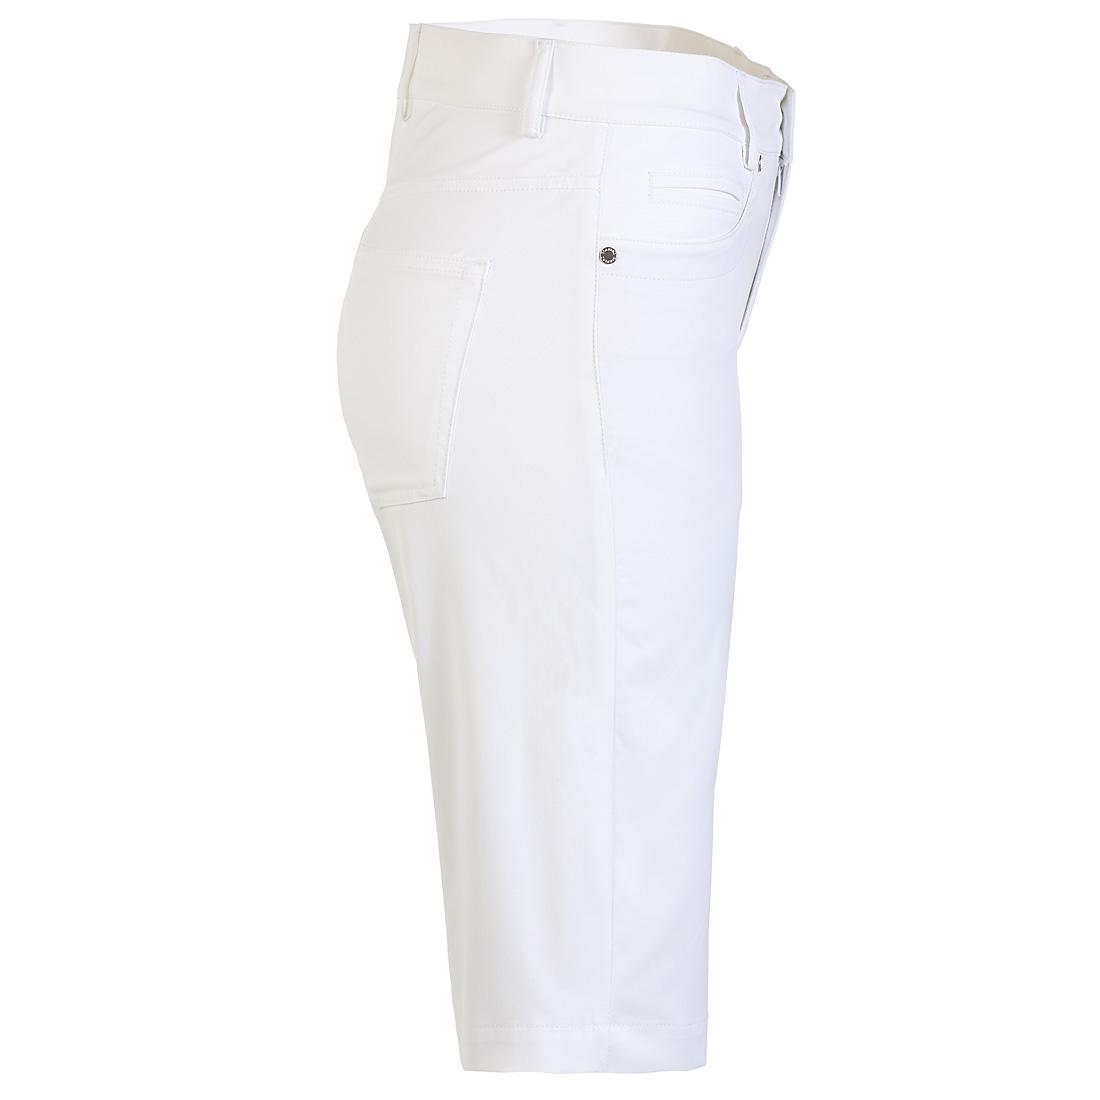 Golfbermuda 5-Pocket aus Baumwoll Stretch mit UV-Schutz in Slim Fit